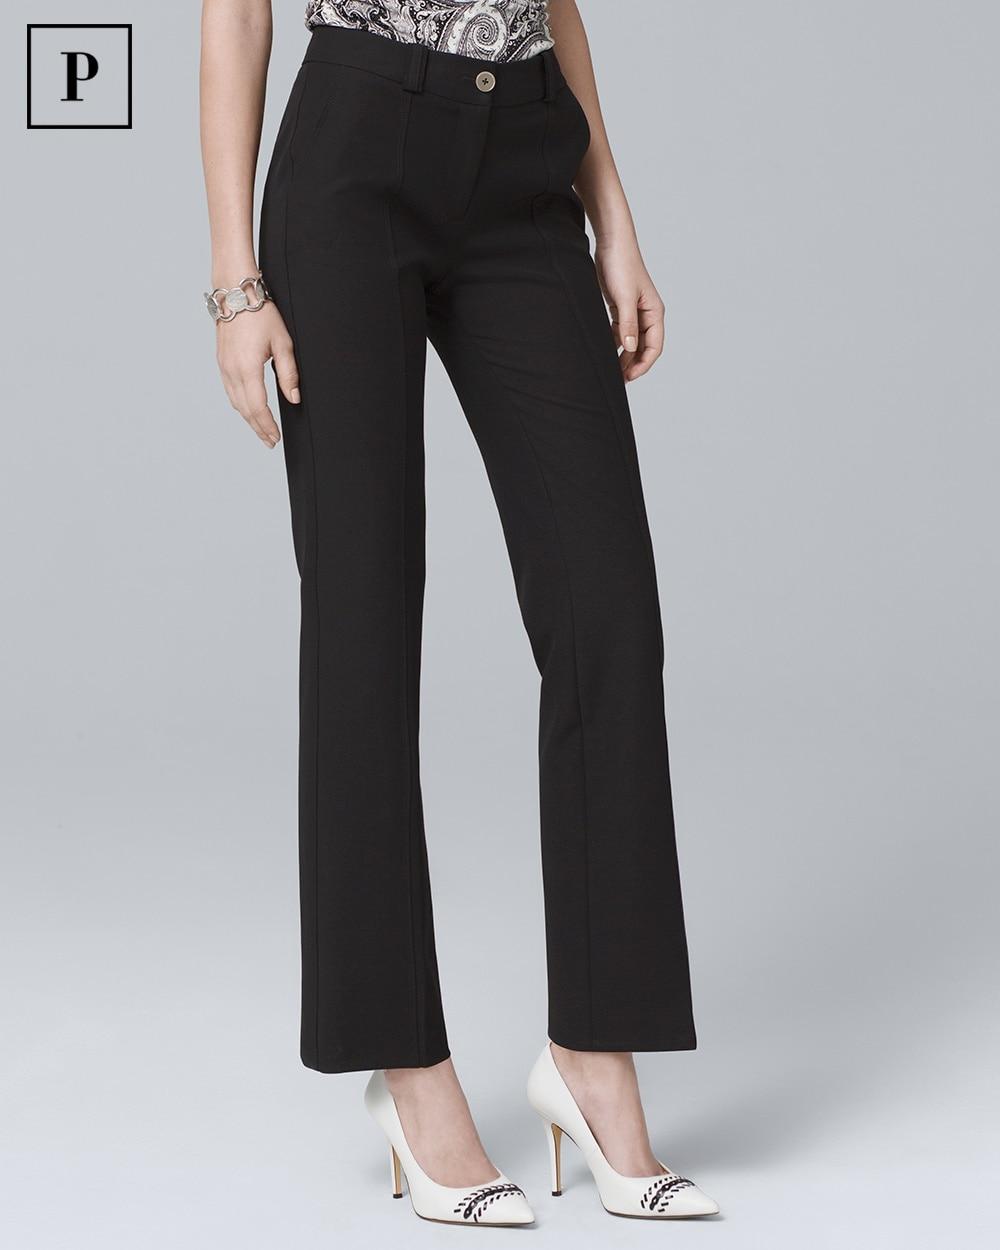 Petite Black Ankle Trouser Pants White House Black Market